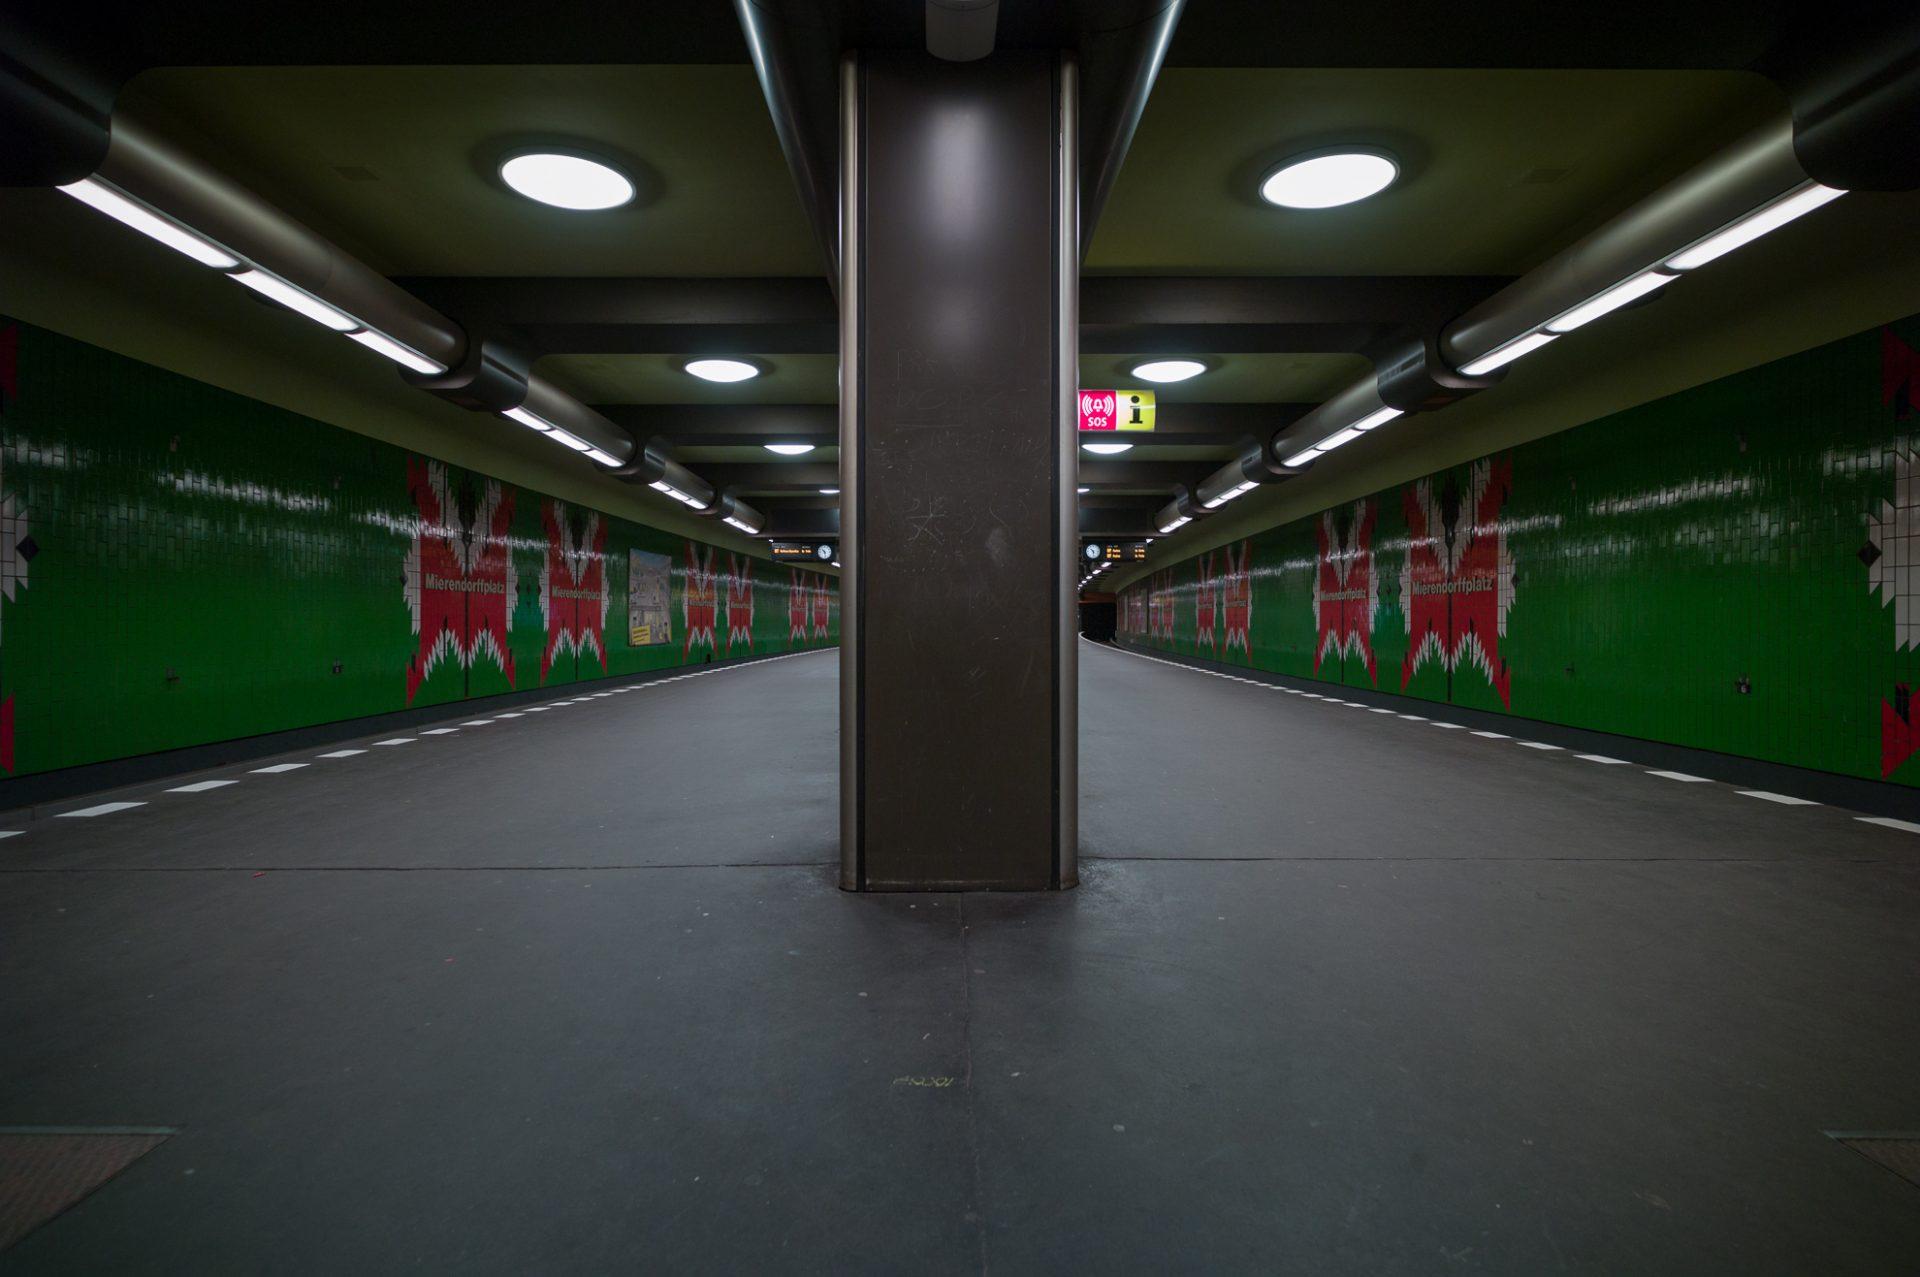 u7_mierendorffplatz (3 von 4)